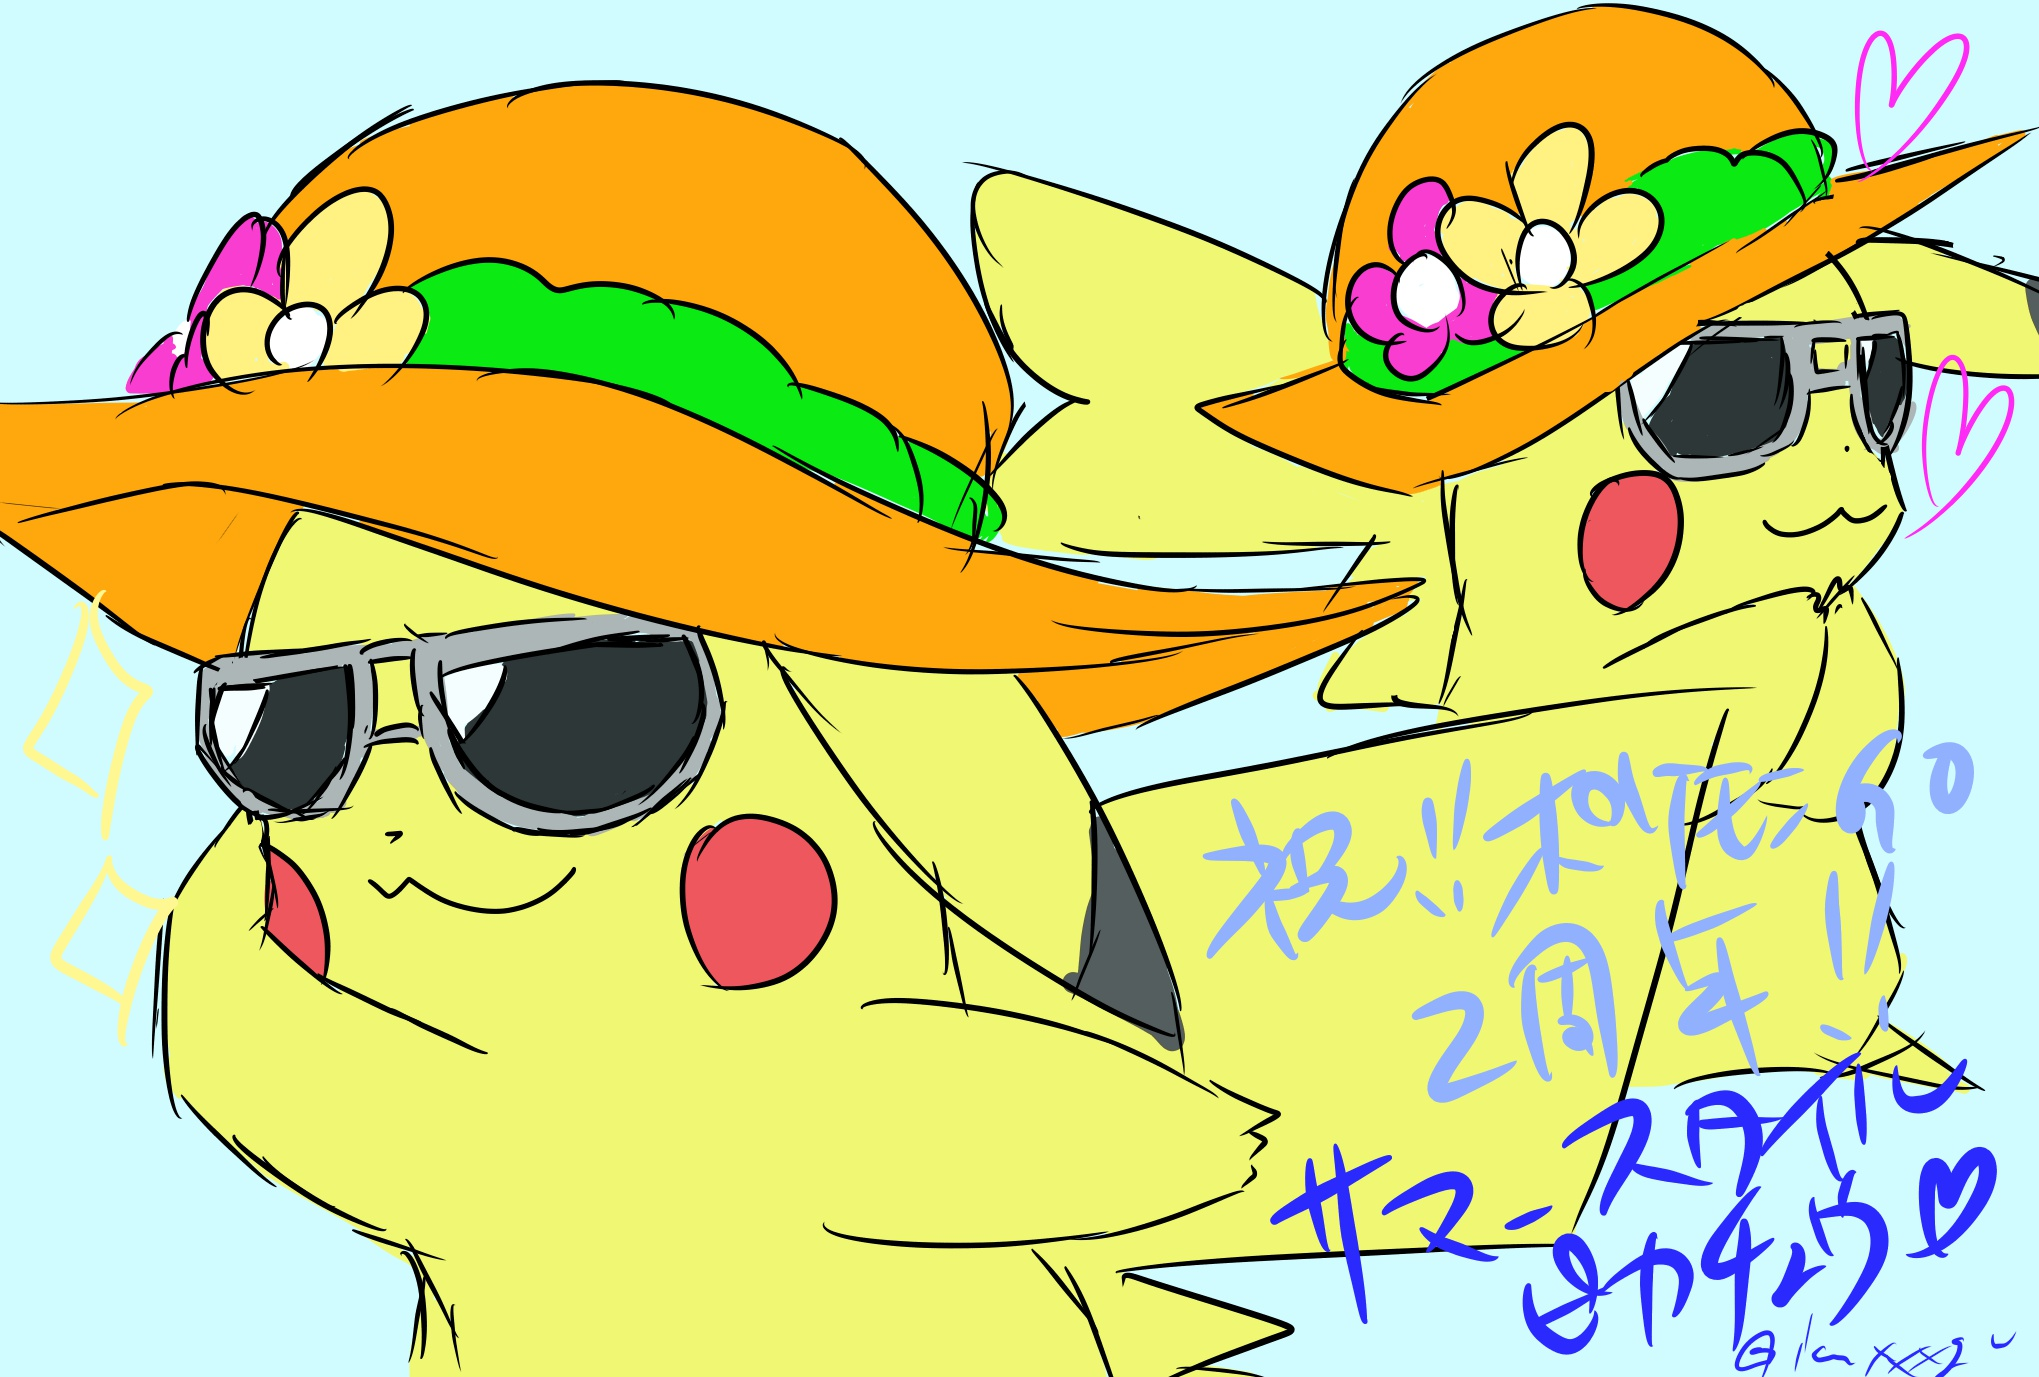 【ポケモンGO】祝2周年!ピカチュウがサマースタイルでお祝いにやってきたぞ!